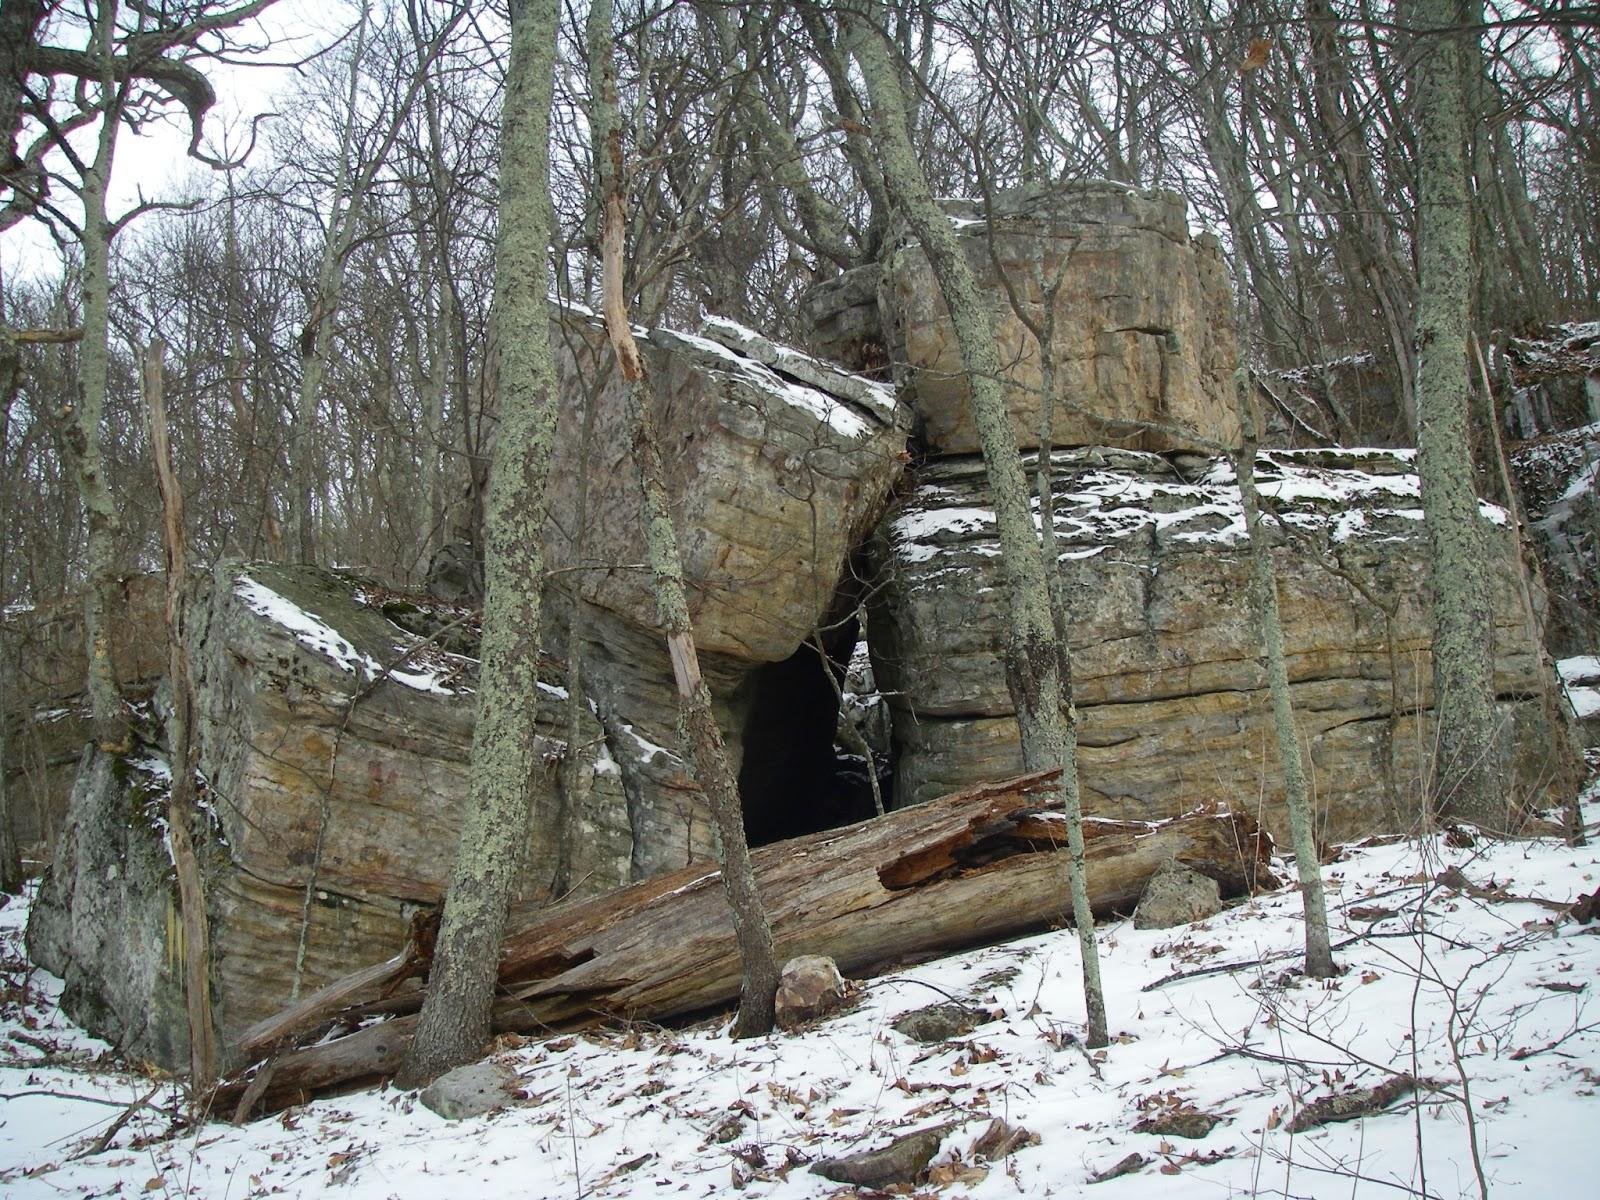 Butt mountain blacksburg virginia — 1